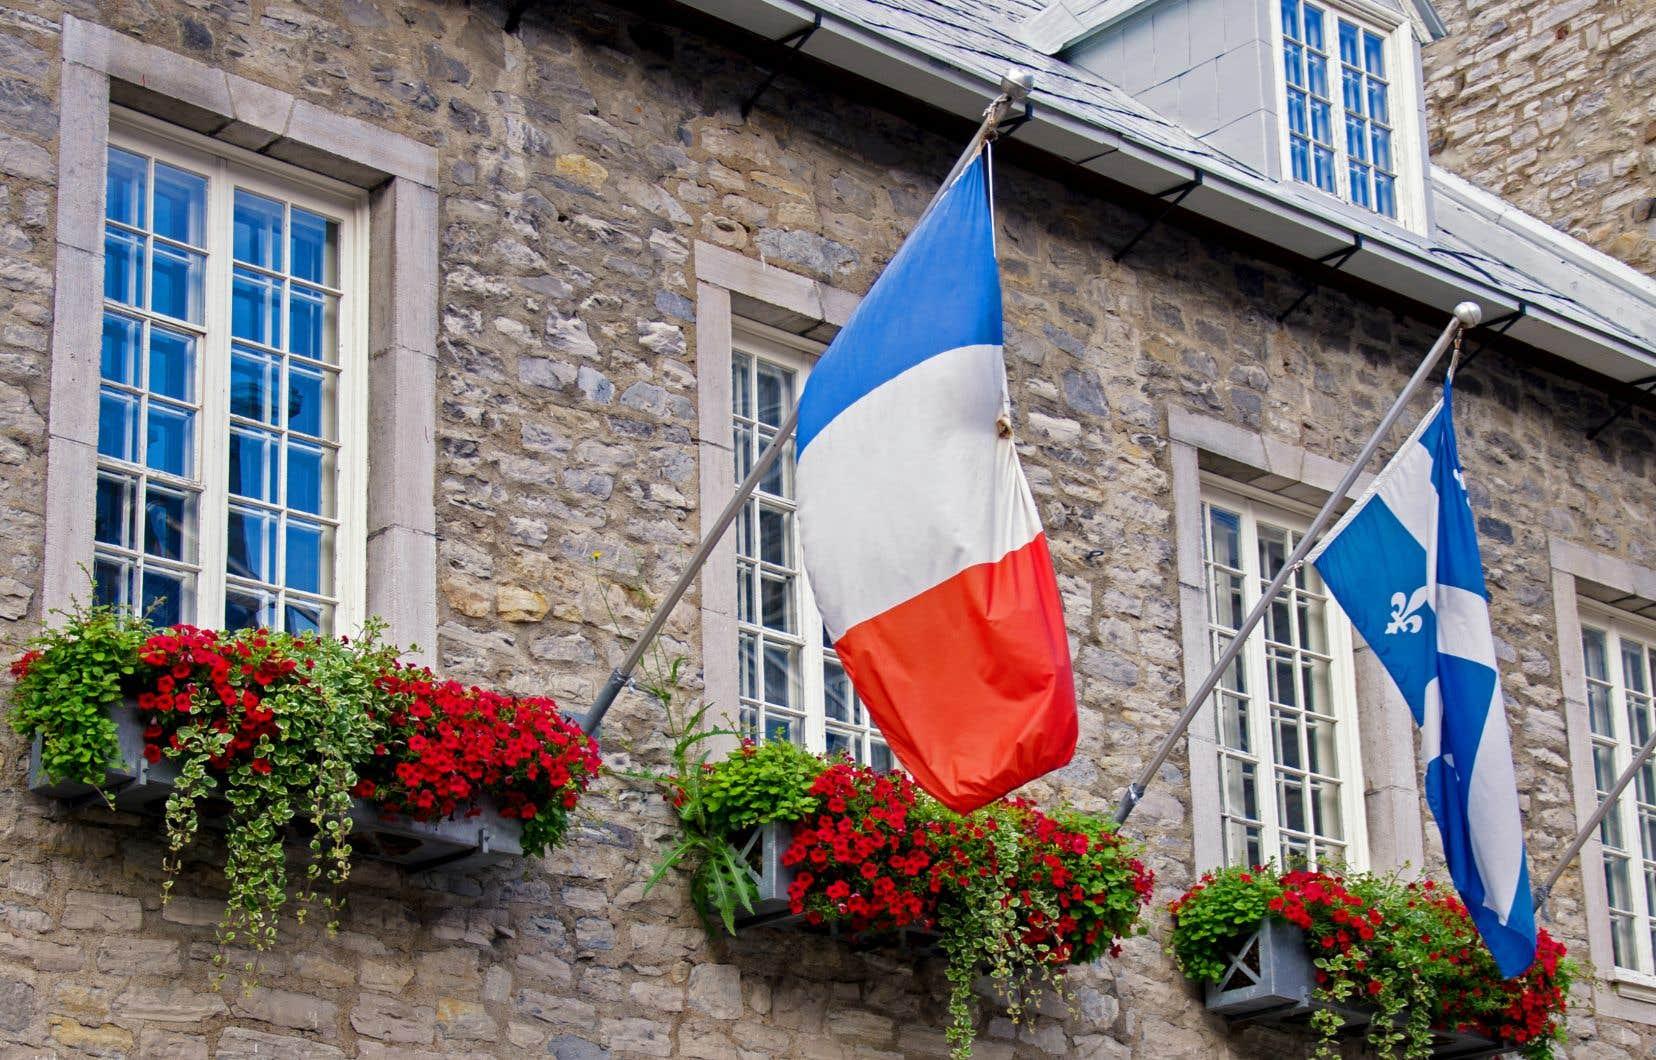 «Désormais, dans l'esprit des jeunes surtout, la France est presque devenue un pays comme les autres, en rupture avec le grand respect que lui vouait ma génération», écrit l'auteur.